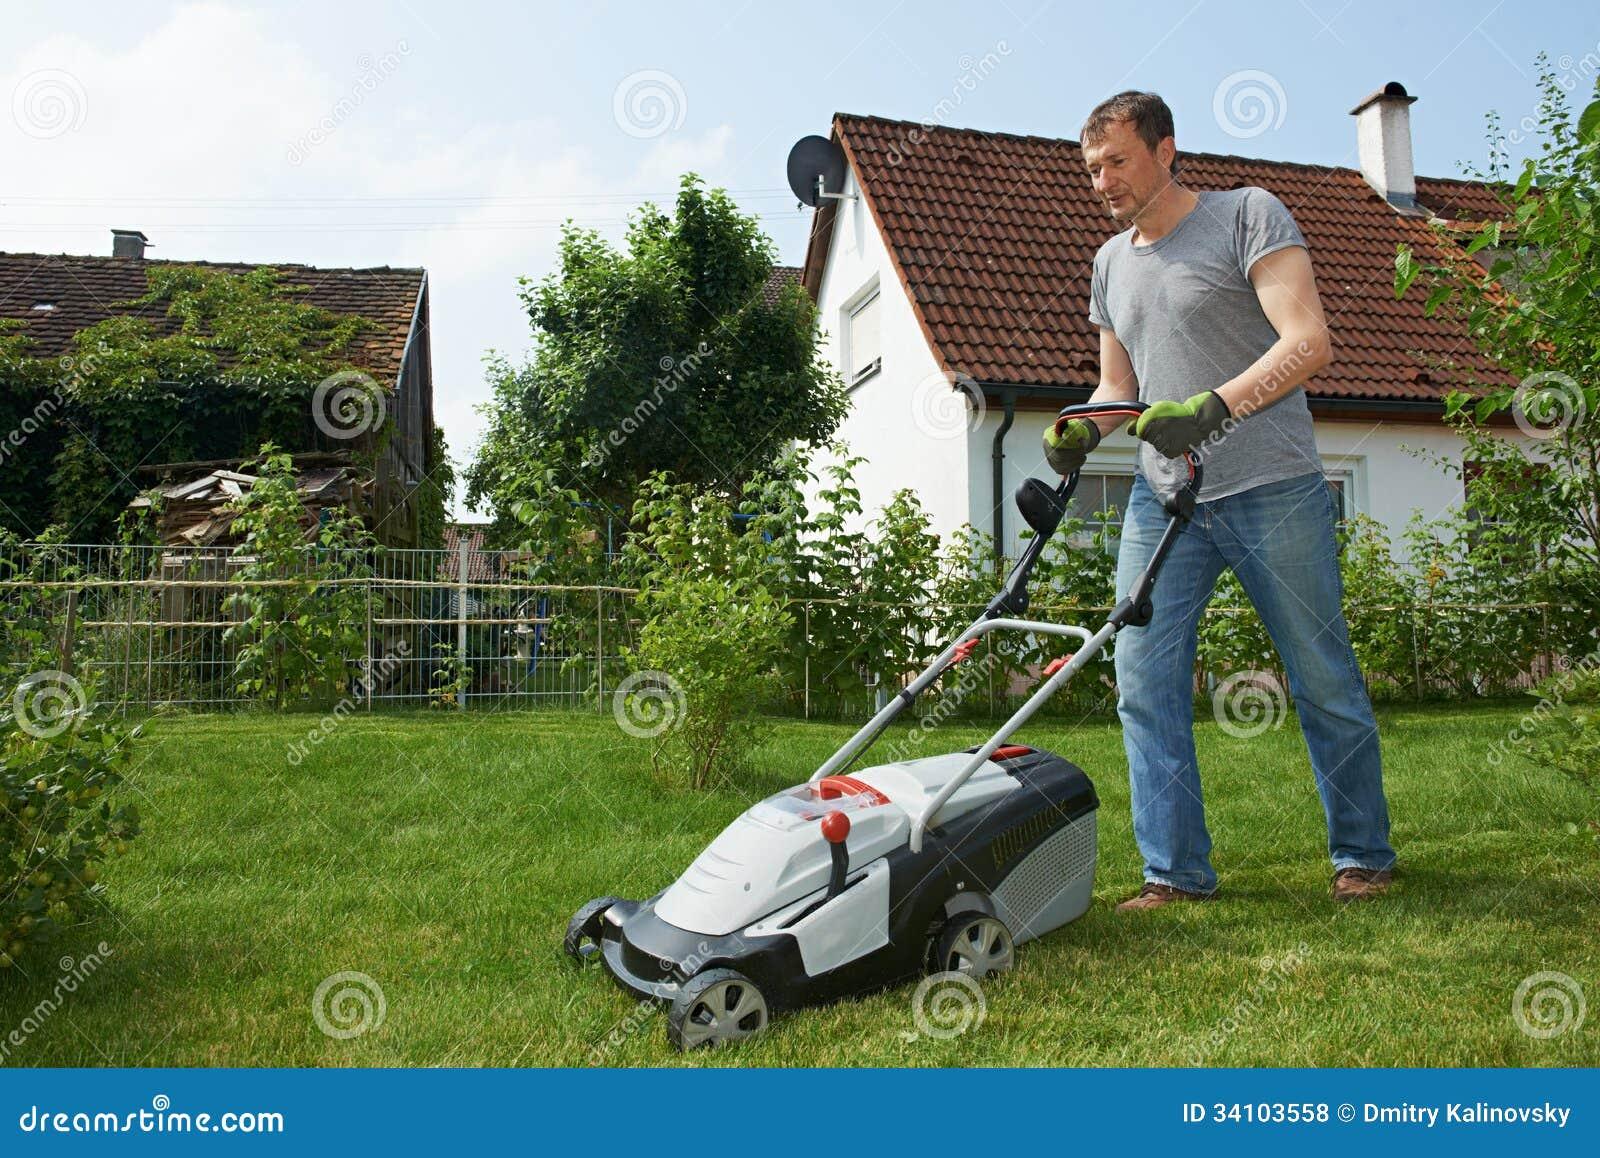 С садовником на лужайке 4 фотография